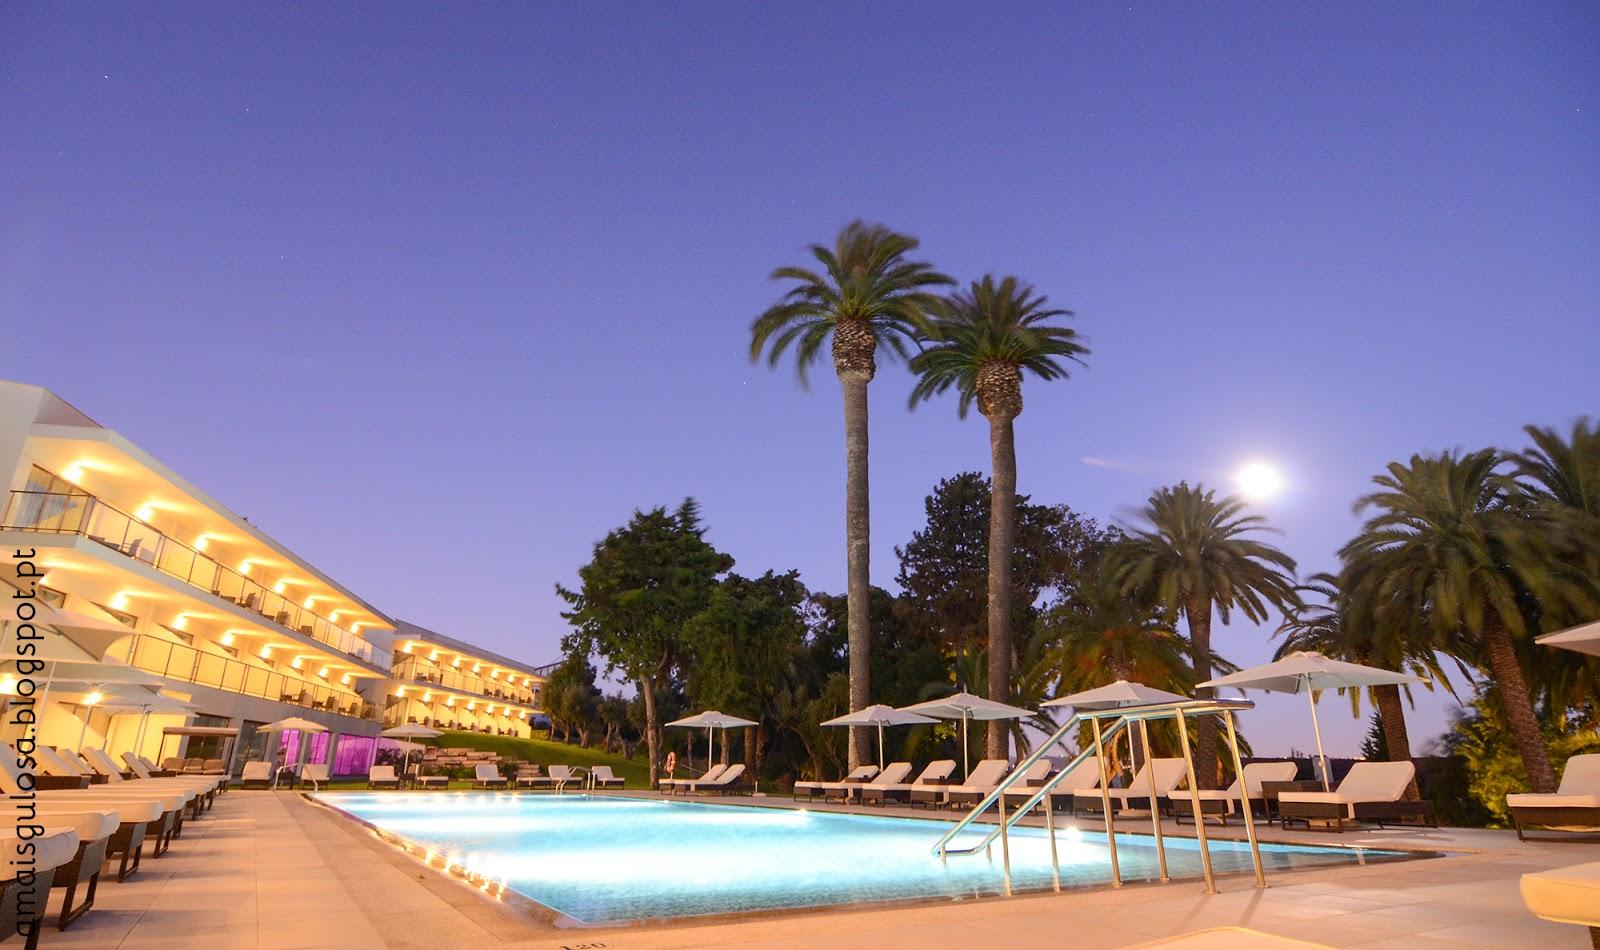 S Horta Hotel Francisca Llabres Riera Mallorca